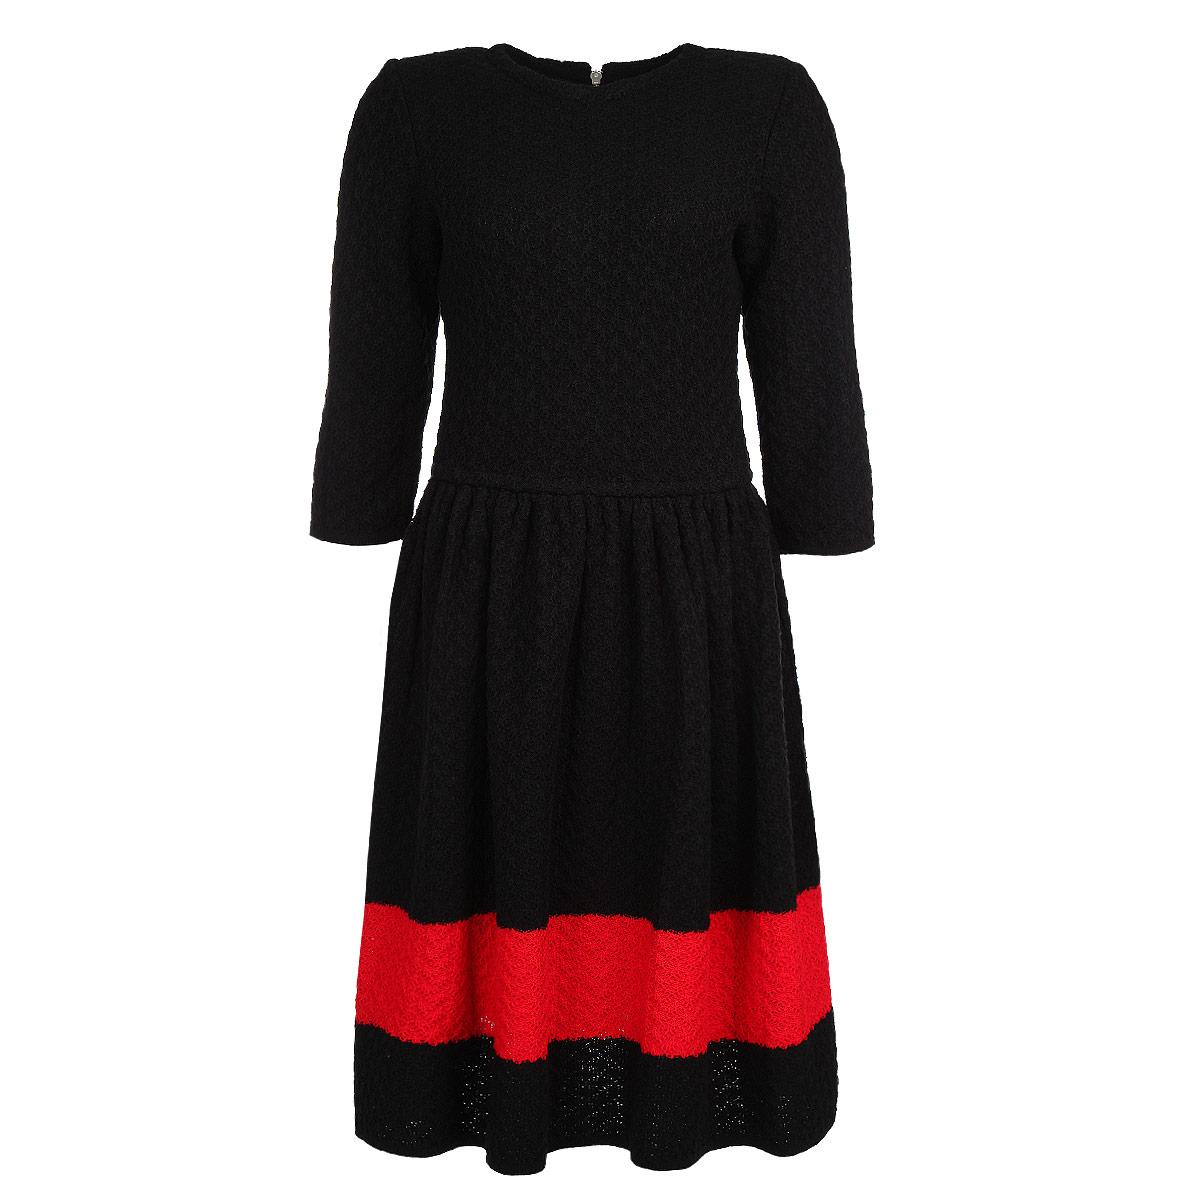 Платье. 10051005Теплое вязаное платье Milana Style - отличный вариант для прохладной погоды. Модель приталенного силуэта с рукавами длиной 3/4 и круглым вырезом горловины застегивается на спинке на металлическую молнию. Платье связано фактурной вязкой и по юбке оформлено широкой полоской контрастного цвета. Это эффектное платье подчеркнет достоинства вашей фигуры и поможет создать яркий и привлекательный образ.